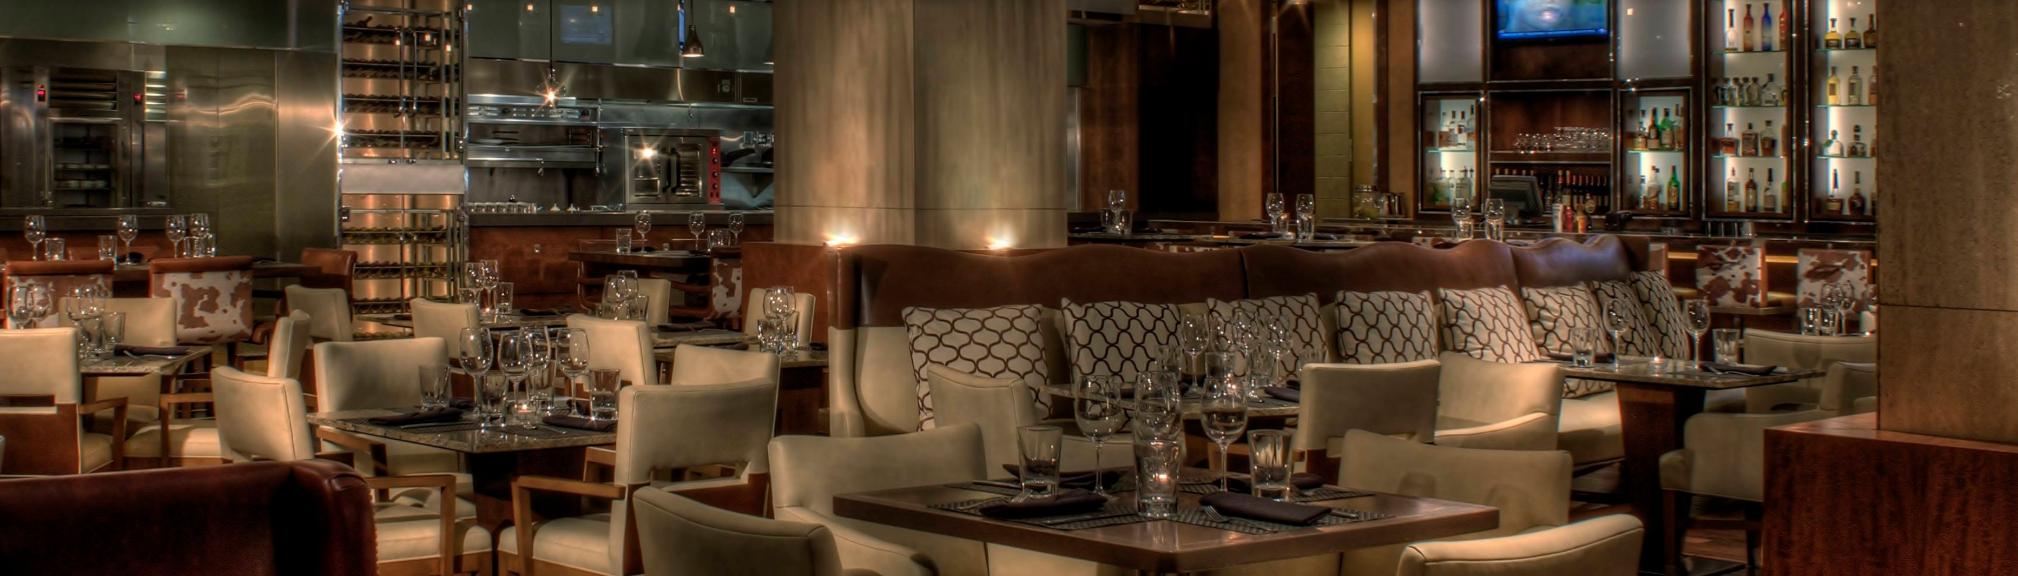 Dallas Brunch at Asador Restaurant